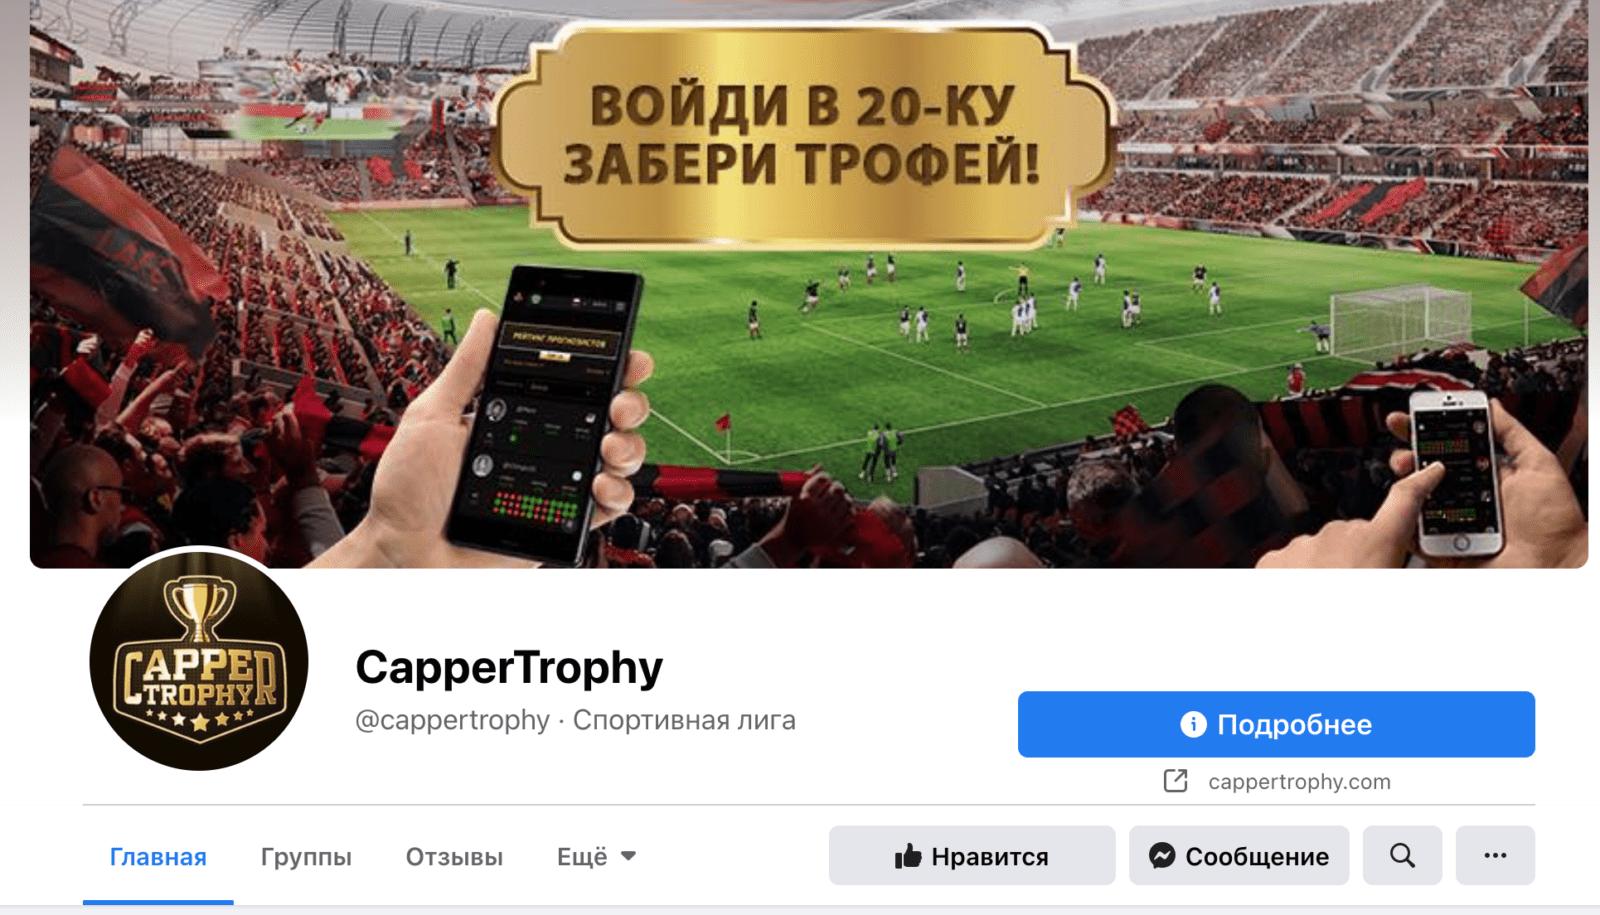 Фейсбук аккаунт Cappertrophy.com (Каппер Трофи)